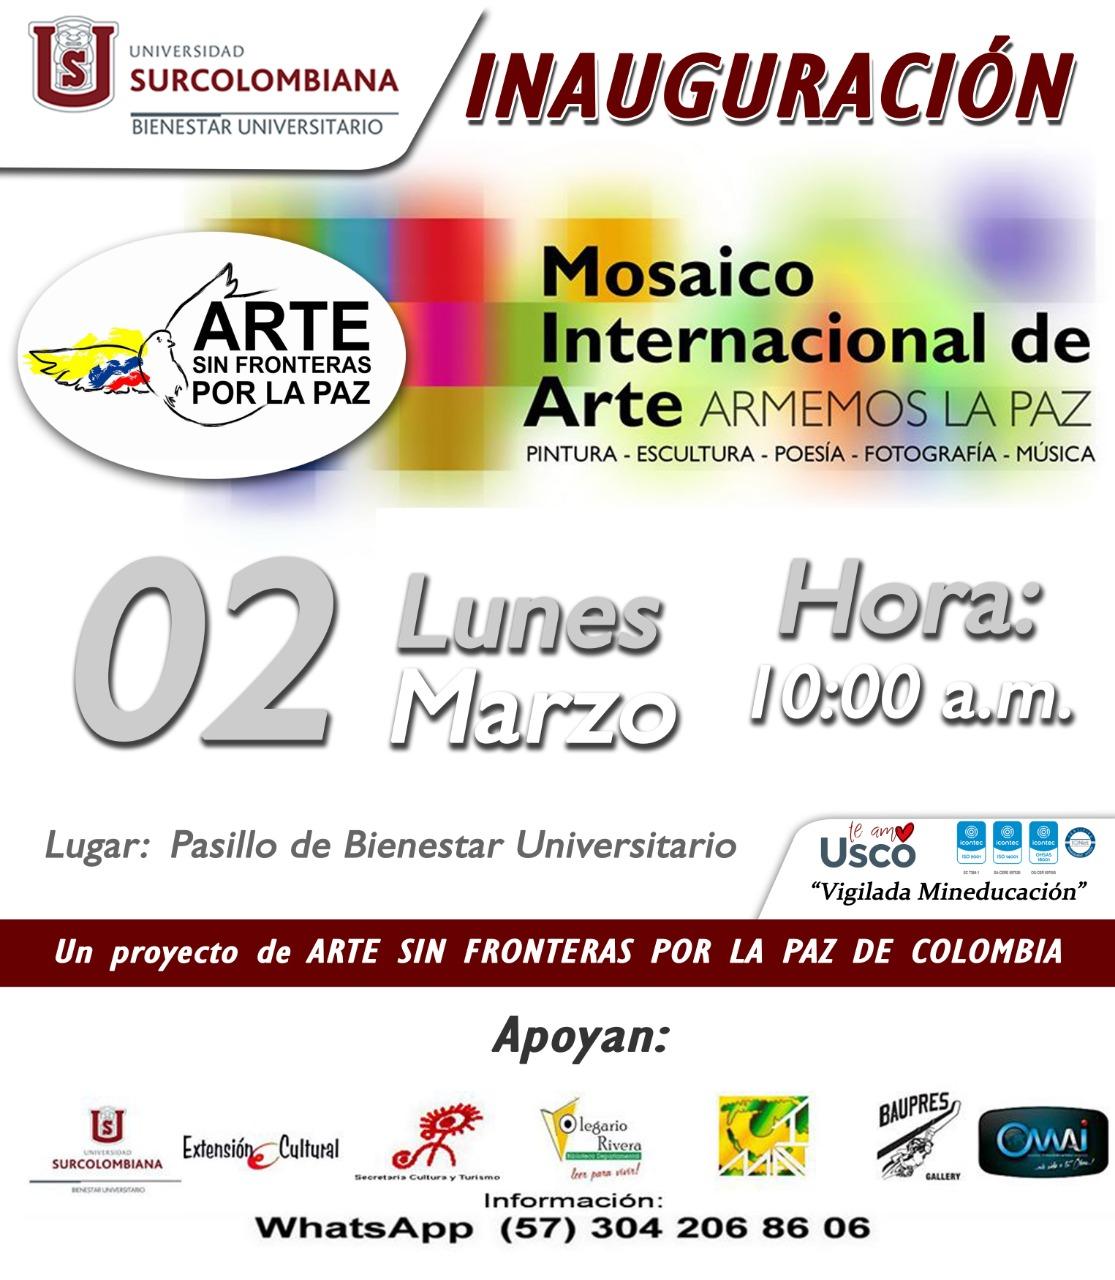 INAUGURACION MOSAICO INTERNACIONAL DE ARTE ARMEMOS LA PAZ USCO UNIVERSIDAD SURCOLOMBIANA